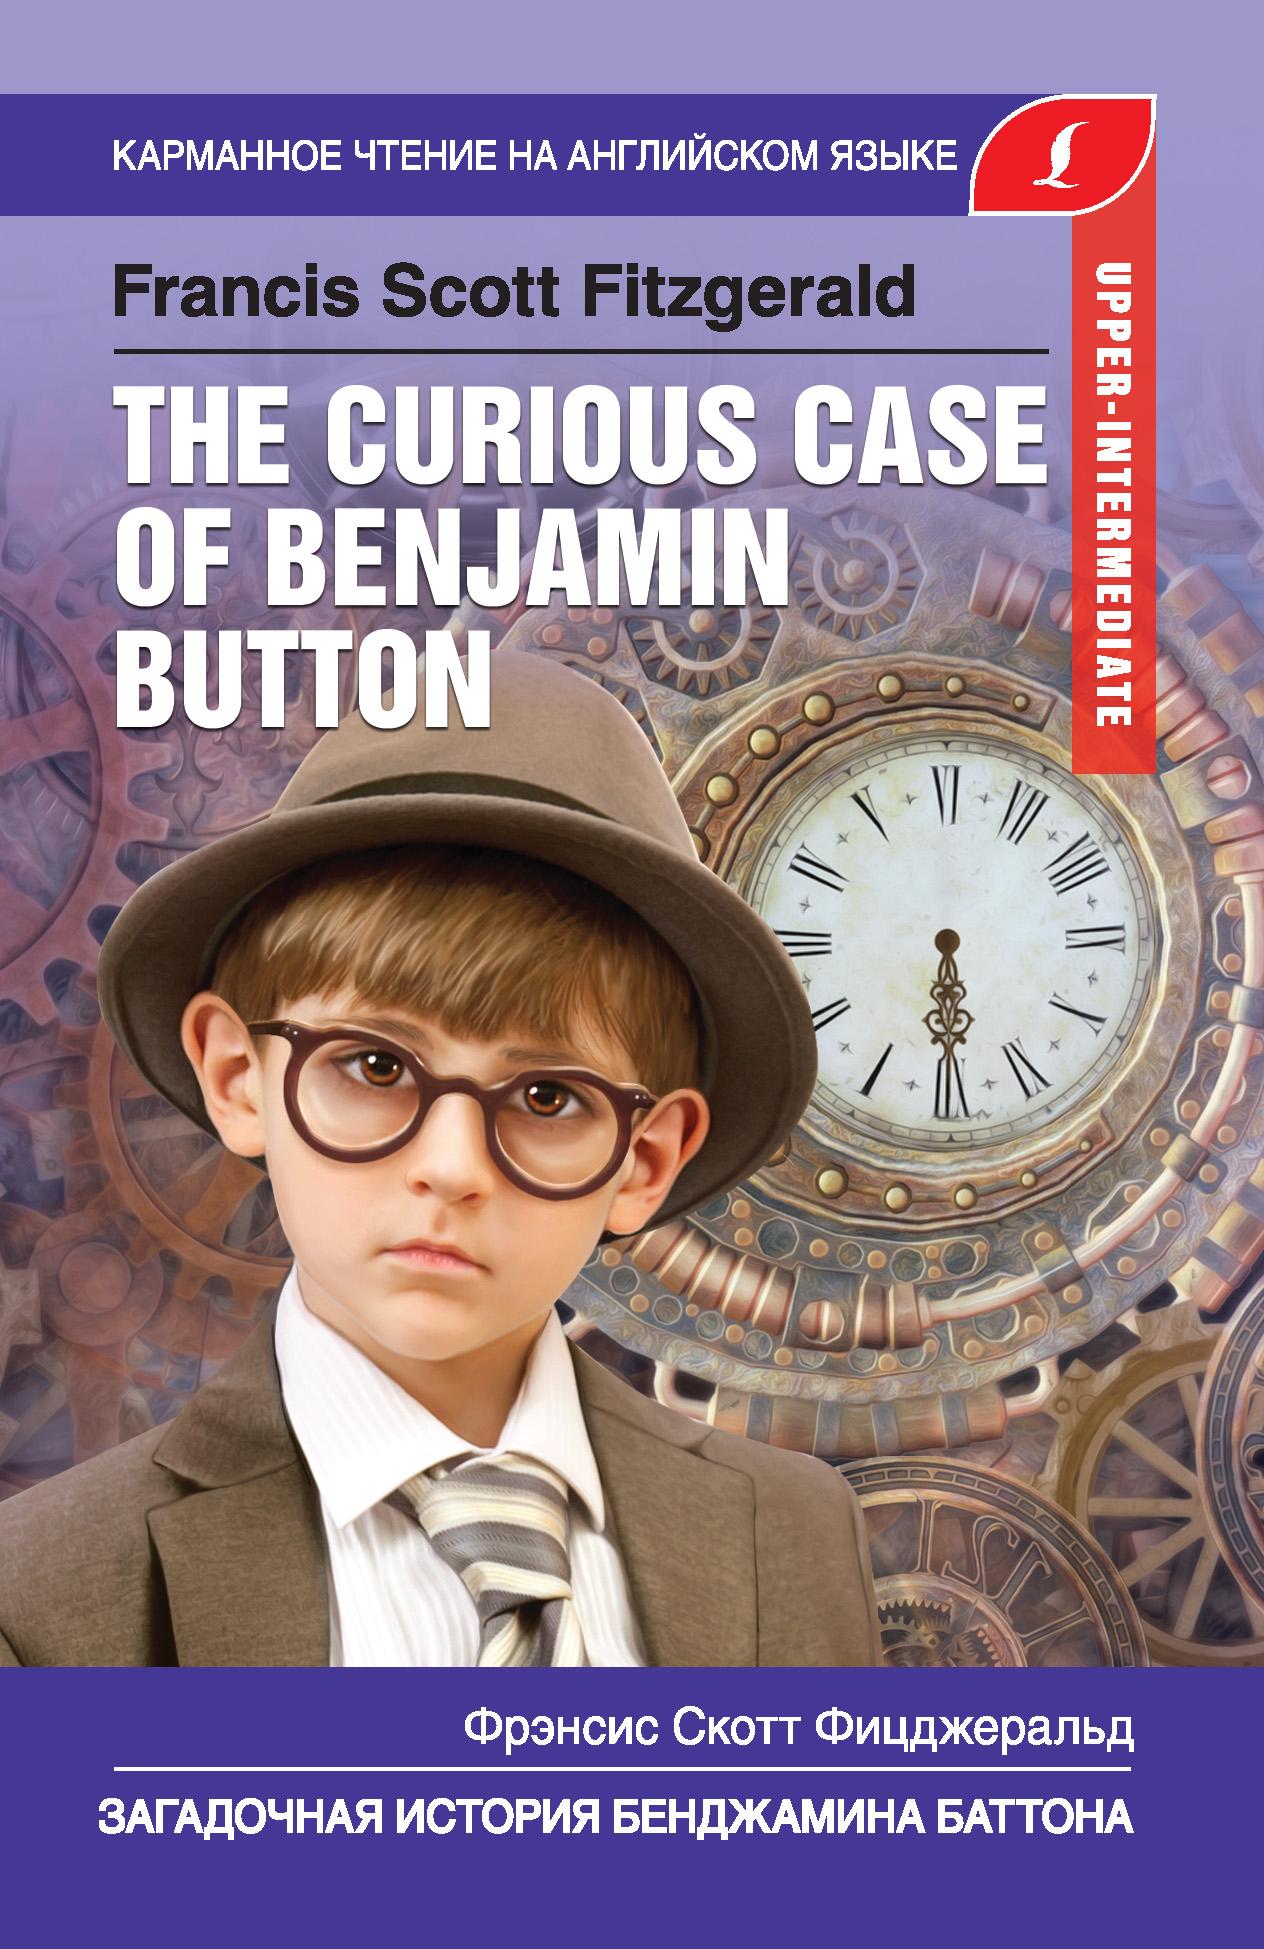 Фрэнсис Скотт Фицджеральд Загадочная история Бенджамина Баттона / The Curious Case of Benjamin Button фрэнсис скотт фицджеральд загадочная история бенджамина баттона